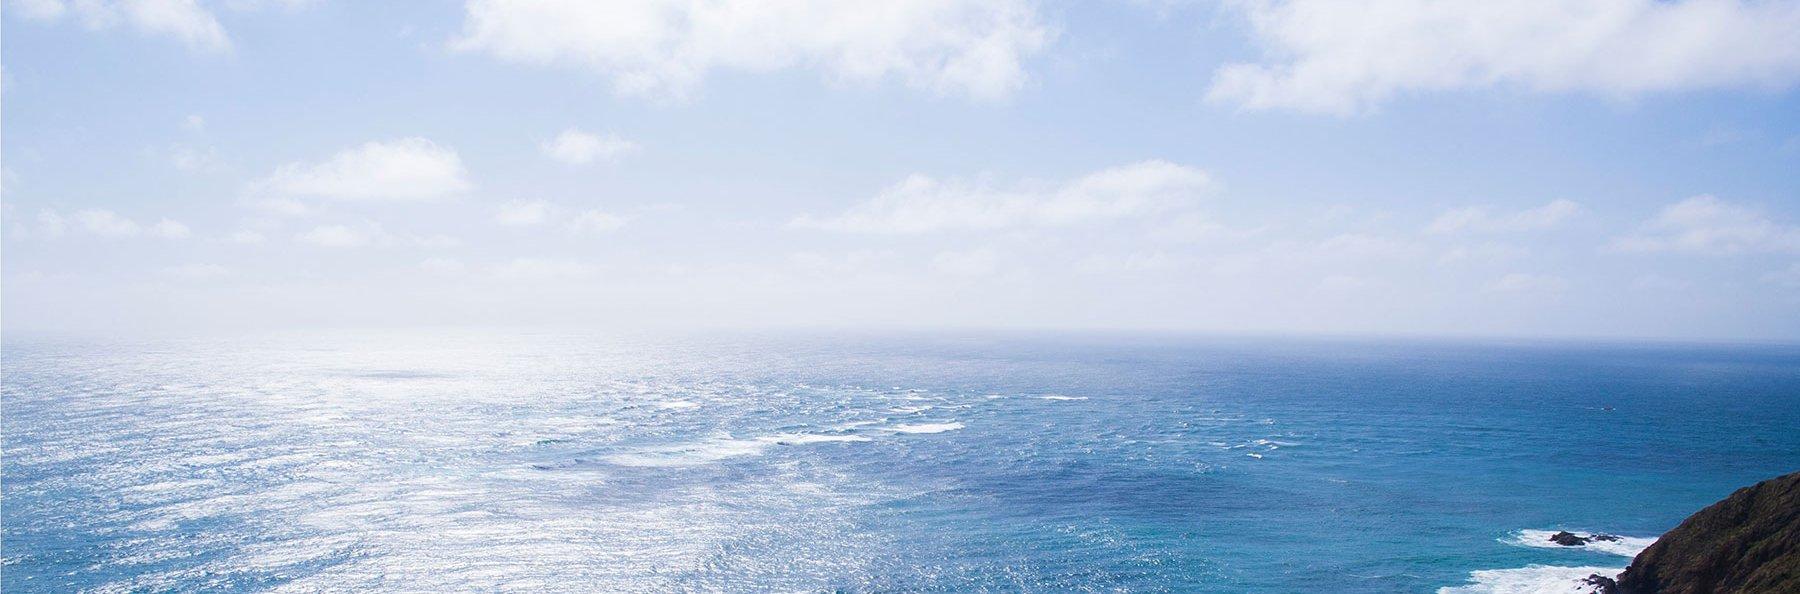 nz-Seascape